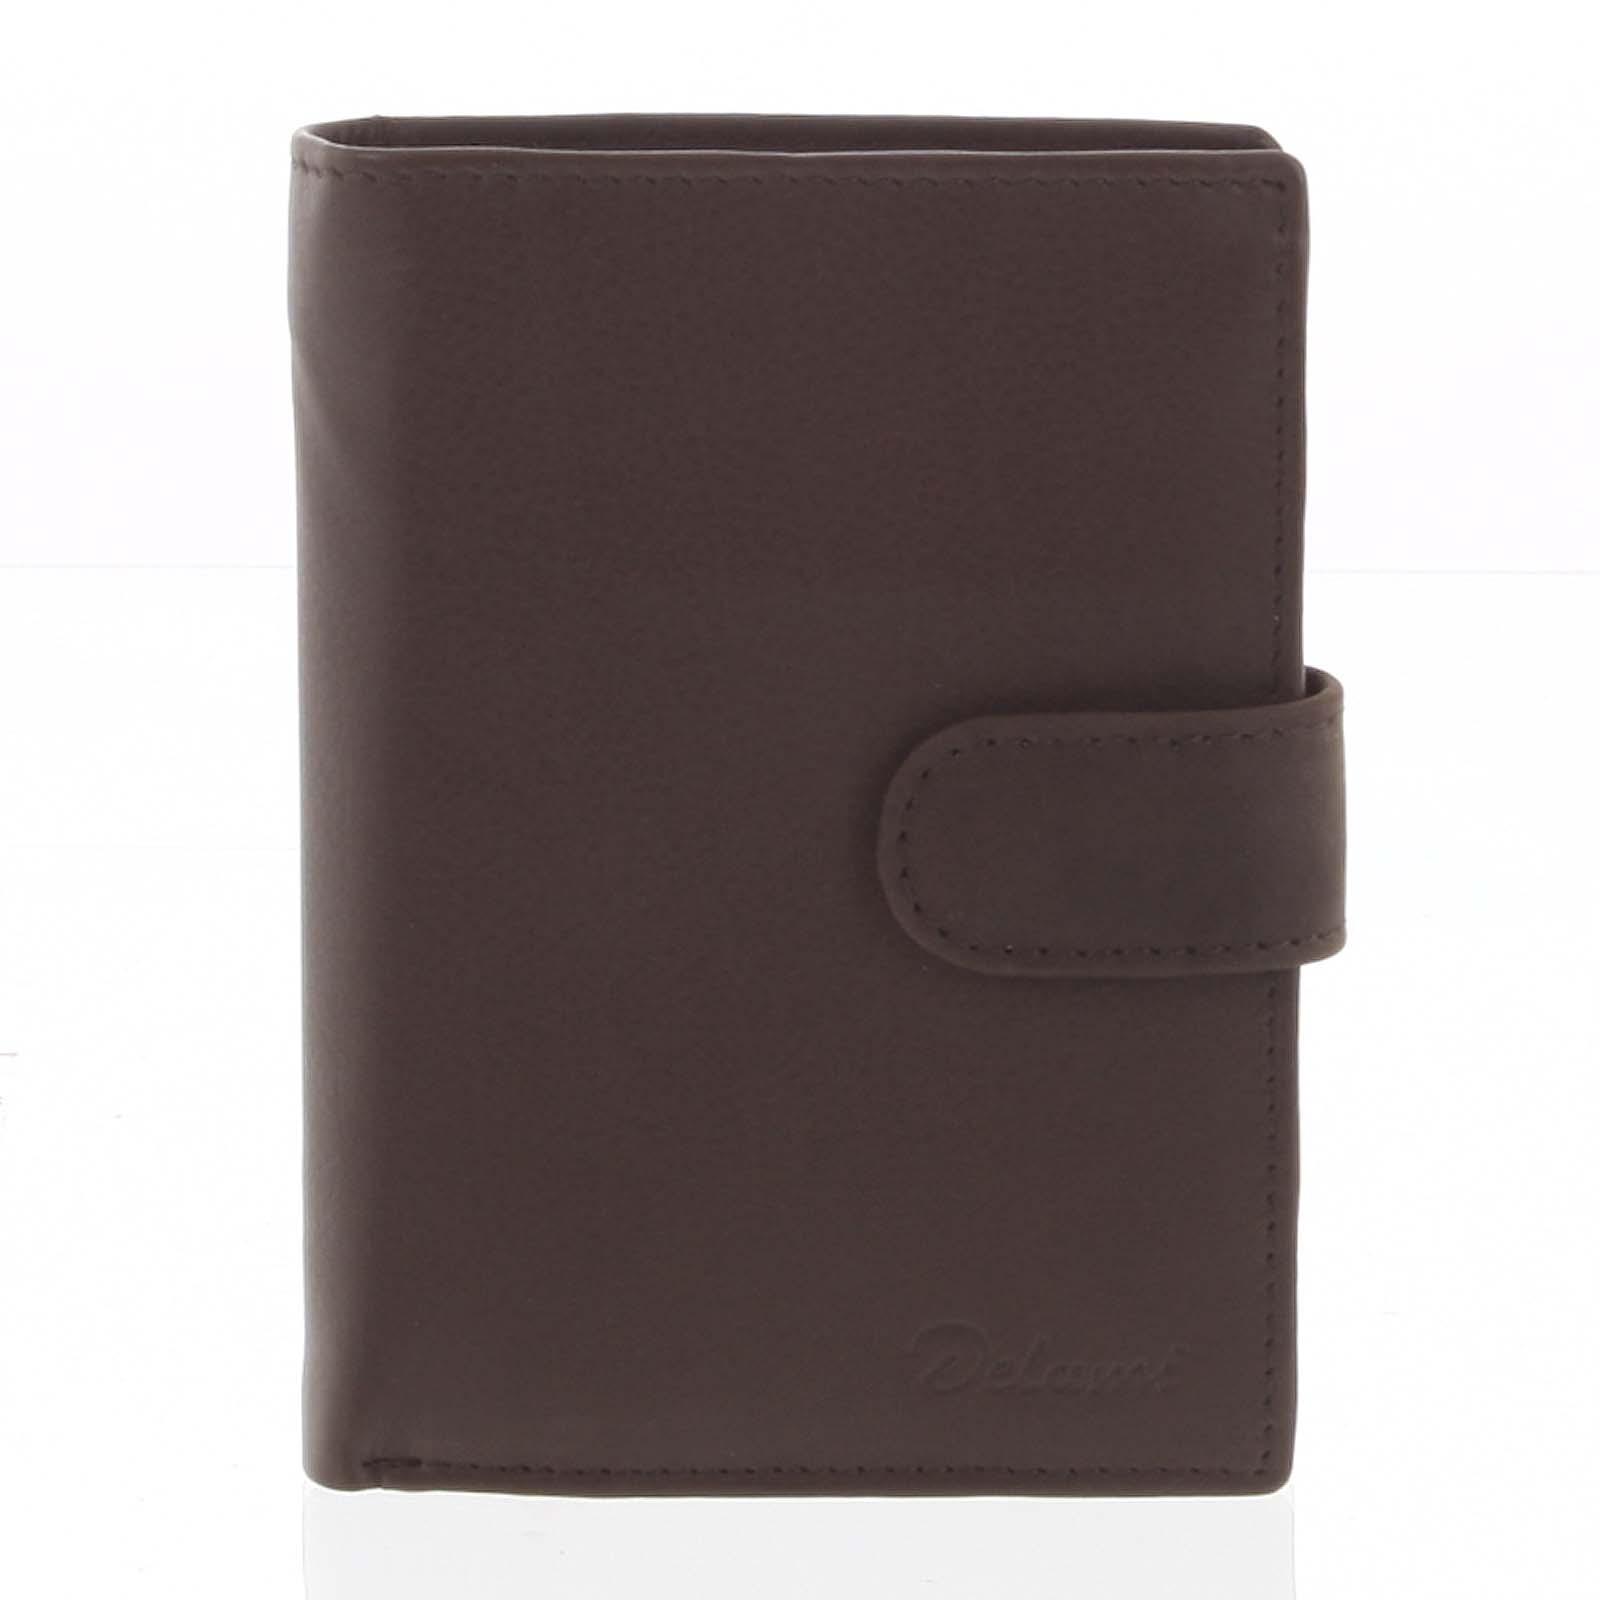 Pánská kožená hnědá peněženka - Delami 8703